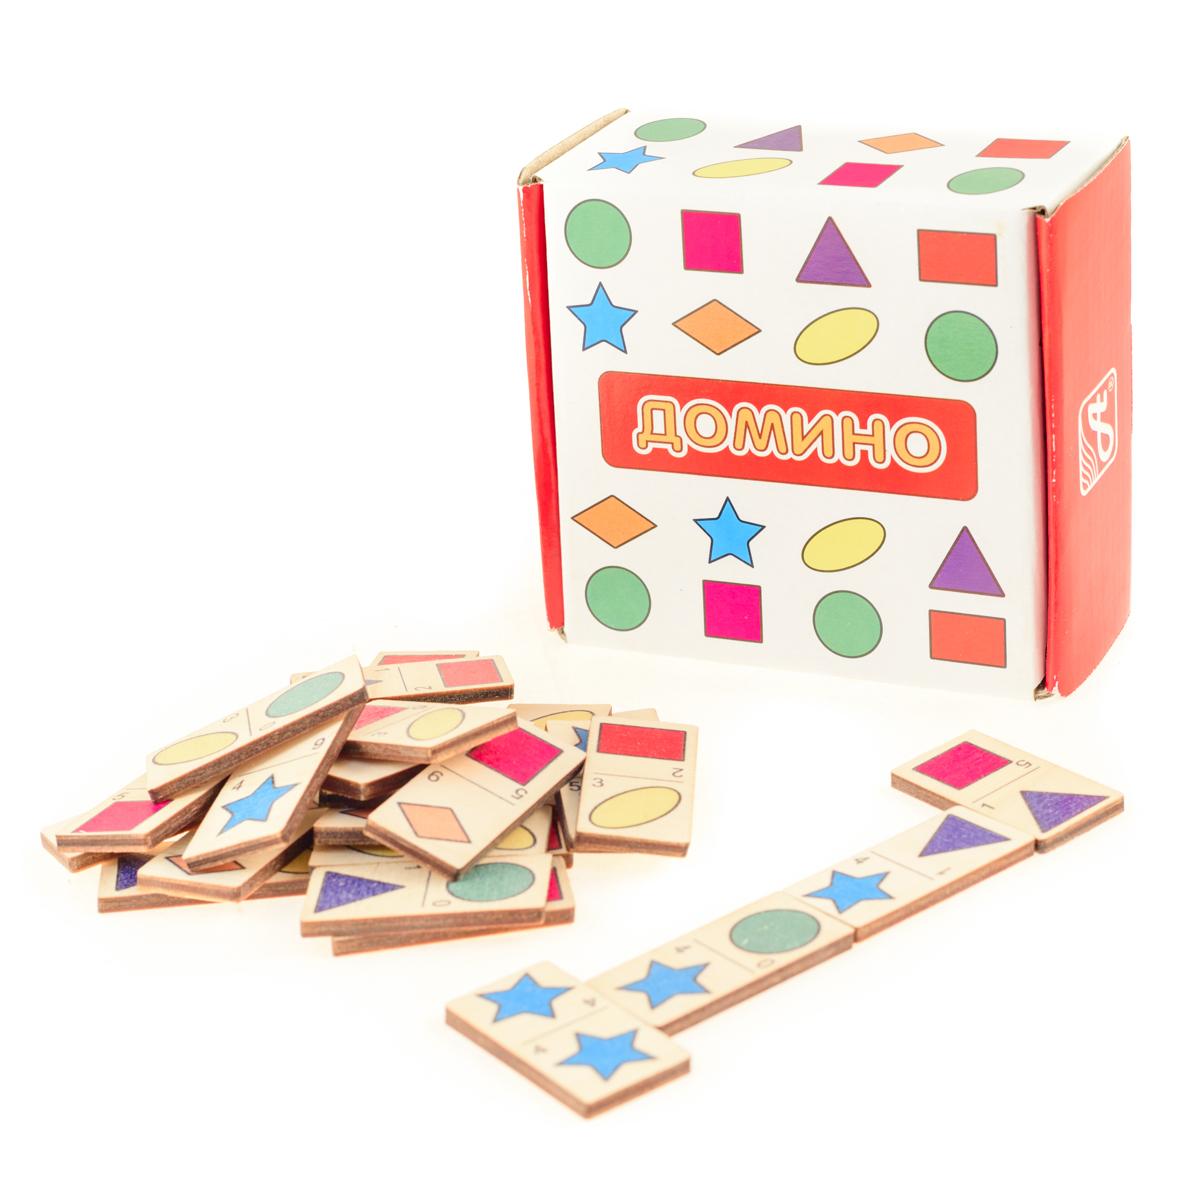 Развивающие деревянные игрушки Домино Формы и цветаД436аДомино для детей — игрушка, необходимая каждому ребёнку. Играя, малыш развивает целый спектр навыков: моторику, логику, воображение, а также изучает окружающий мир, счёт, арифметику и цвета. Рисунки на каждой фишке — яркие и понятные. В домино можно играть не только дома, но и эффективно использовать для занятий в детском саду. ВНИМАНИЕ! Детали игрушки выполнены из натурального дерева (деревоматериала) без покрытия лаками или другими химическими составами. Перед использованием удалите остатки древесины и древесную пыль, тщательно протерев детали игрушки мягкой тканью!